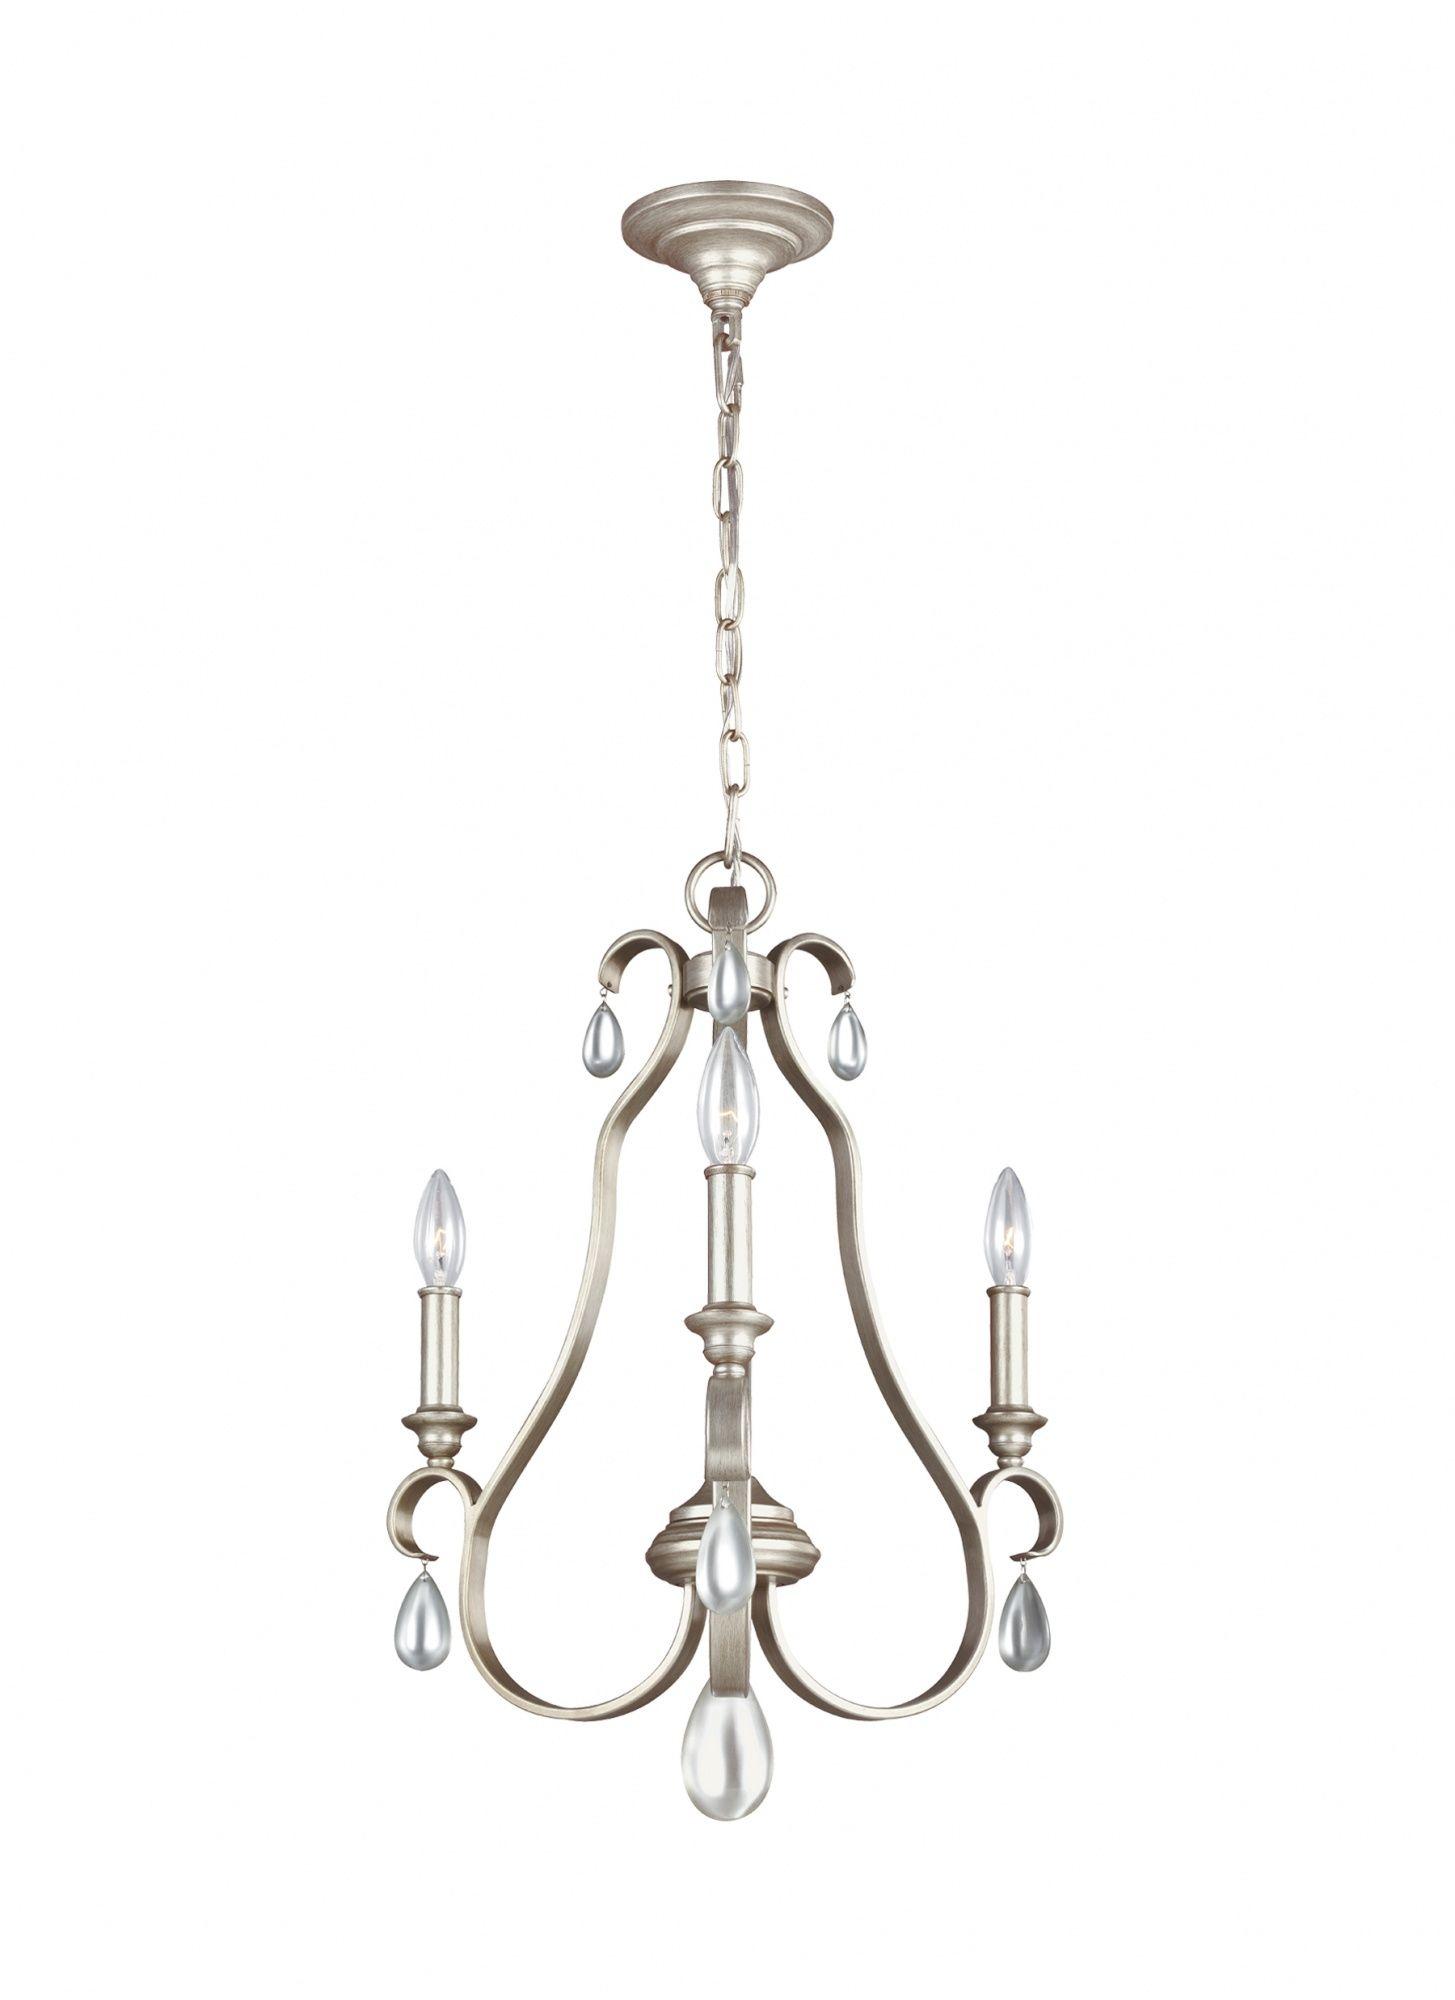 Żyrandol Dewitt FE/DEWITT3 Feiss dekoracyjna oprawa w klasycznym stylu